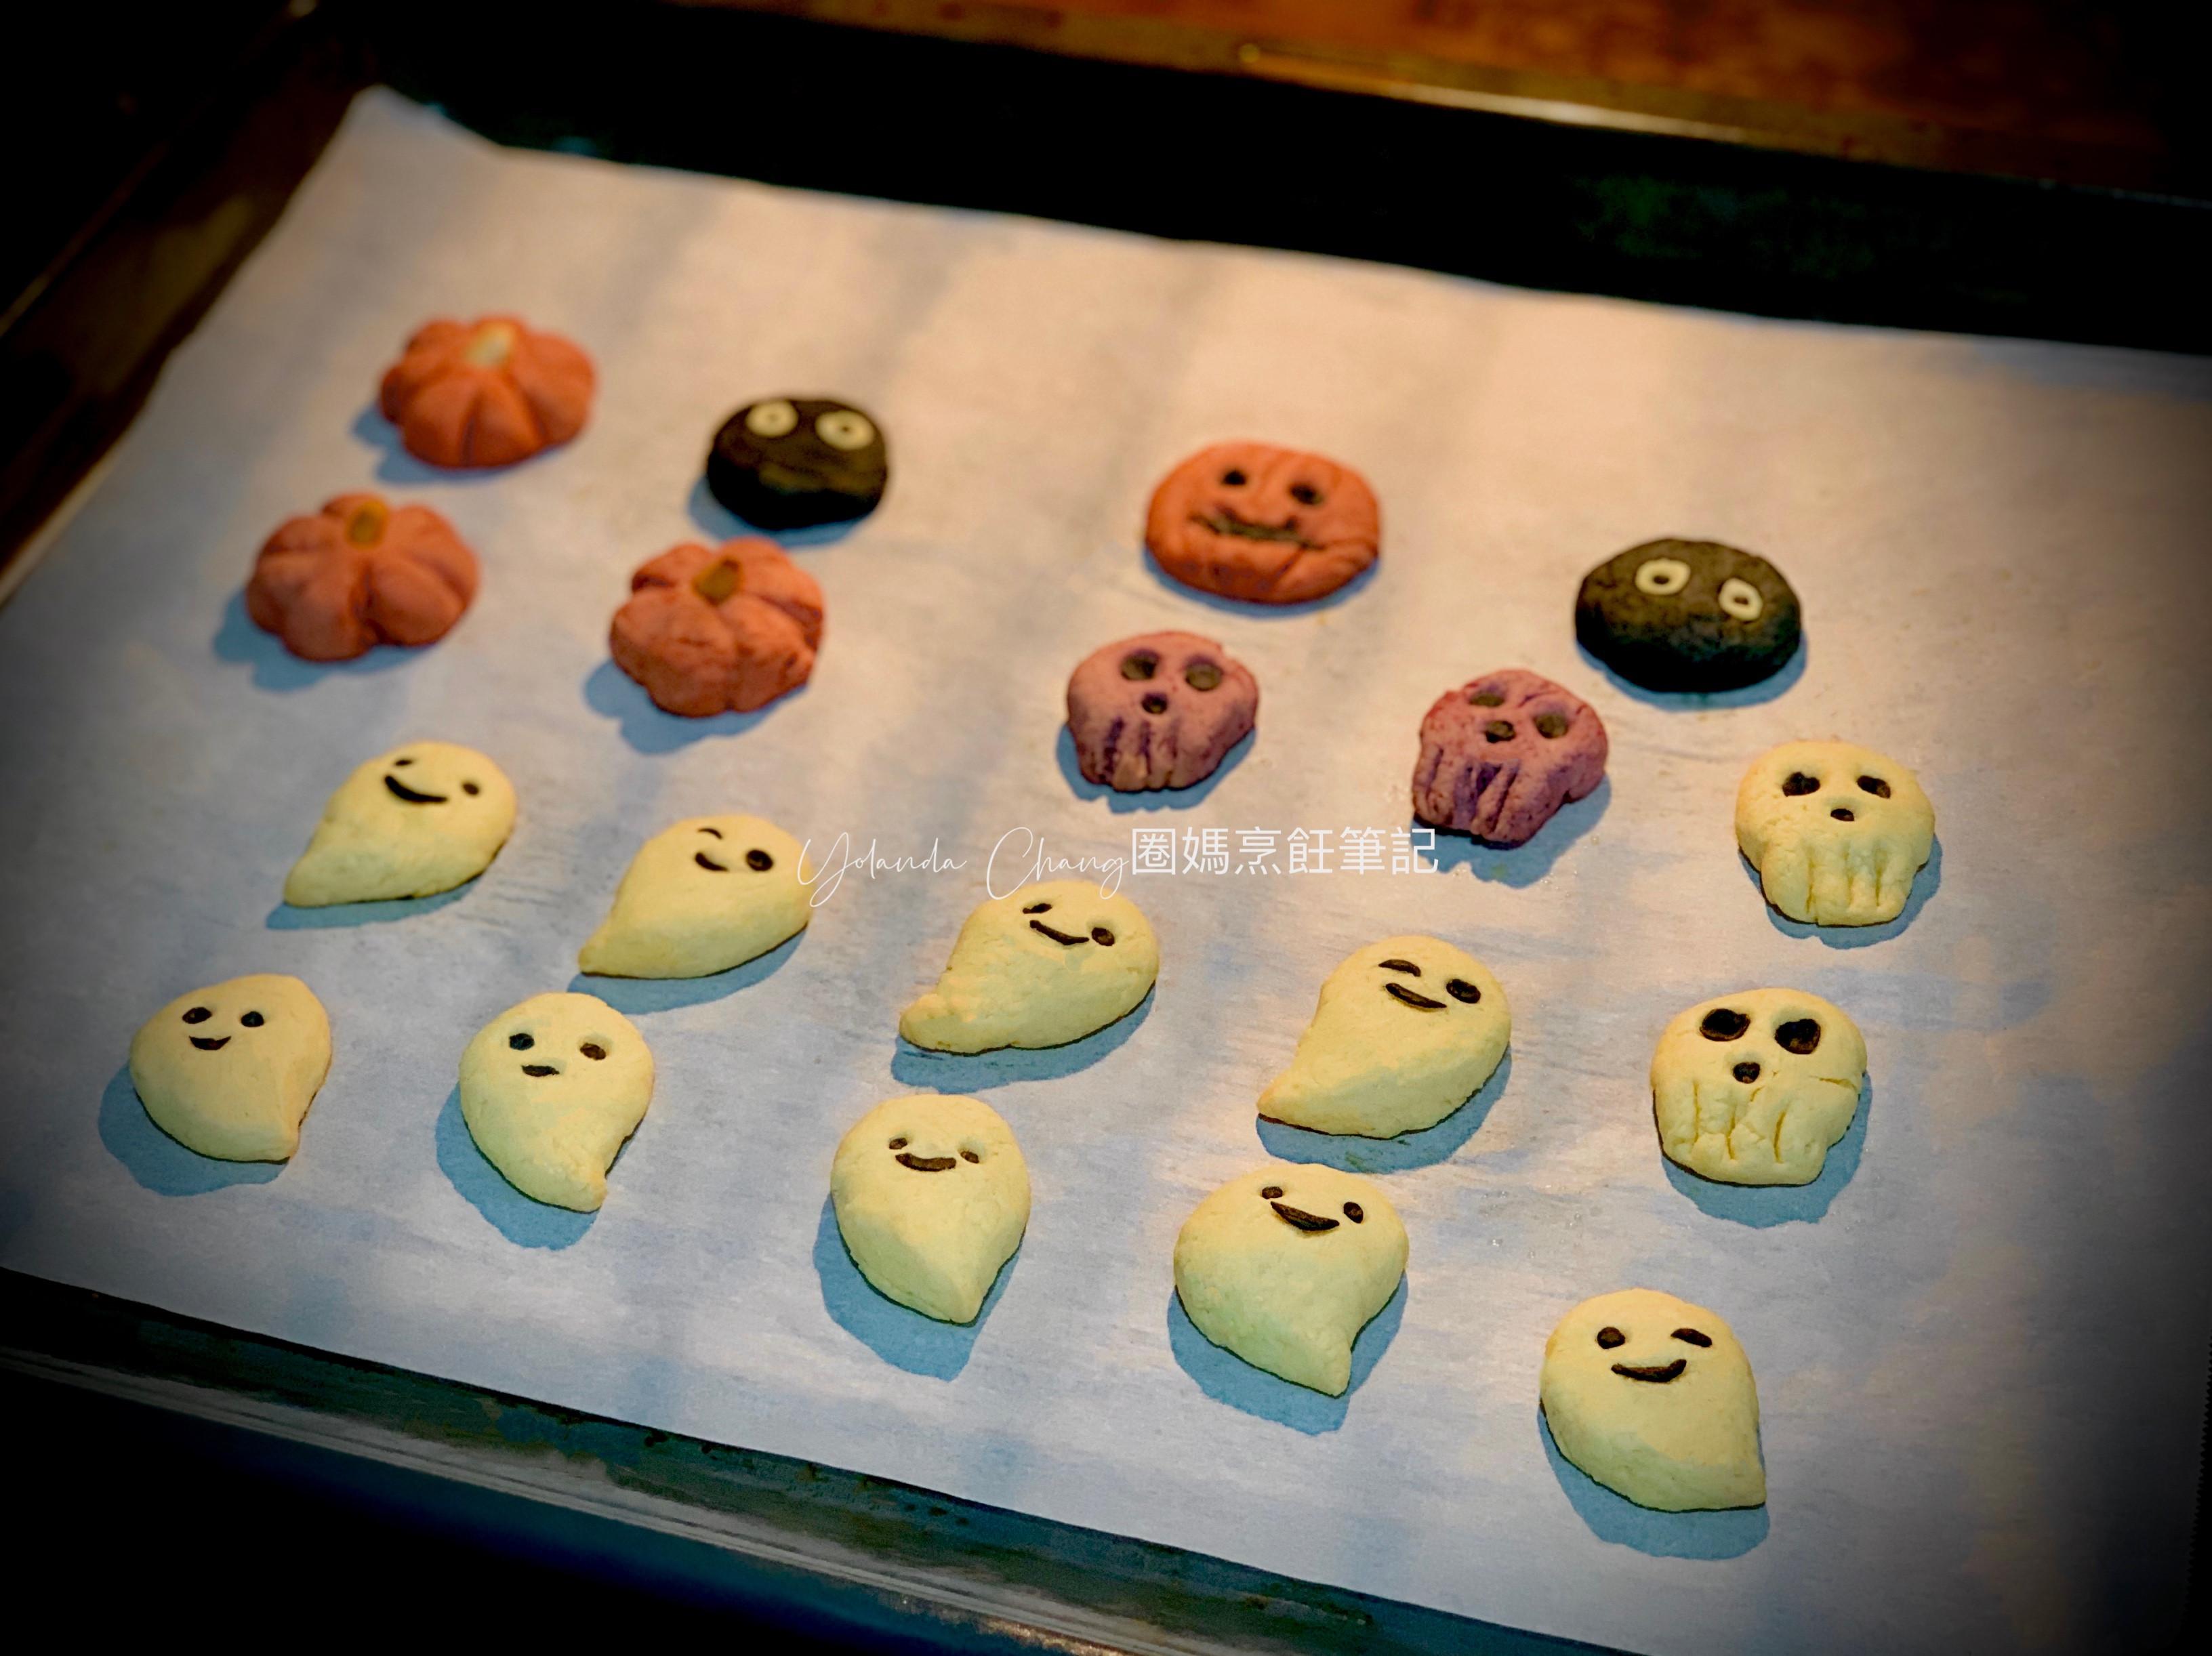 幽靈餅乾、鬼魂造型、萬聖節餅乾、造型餅乾